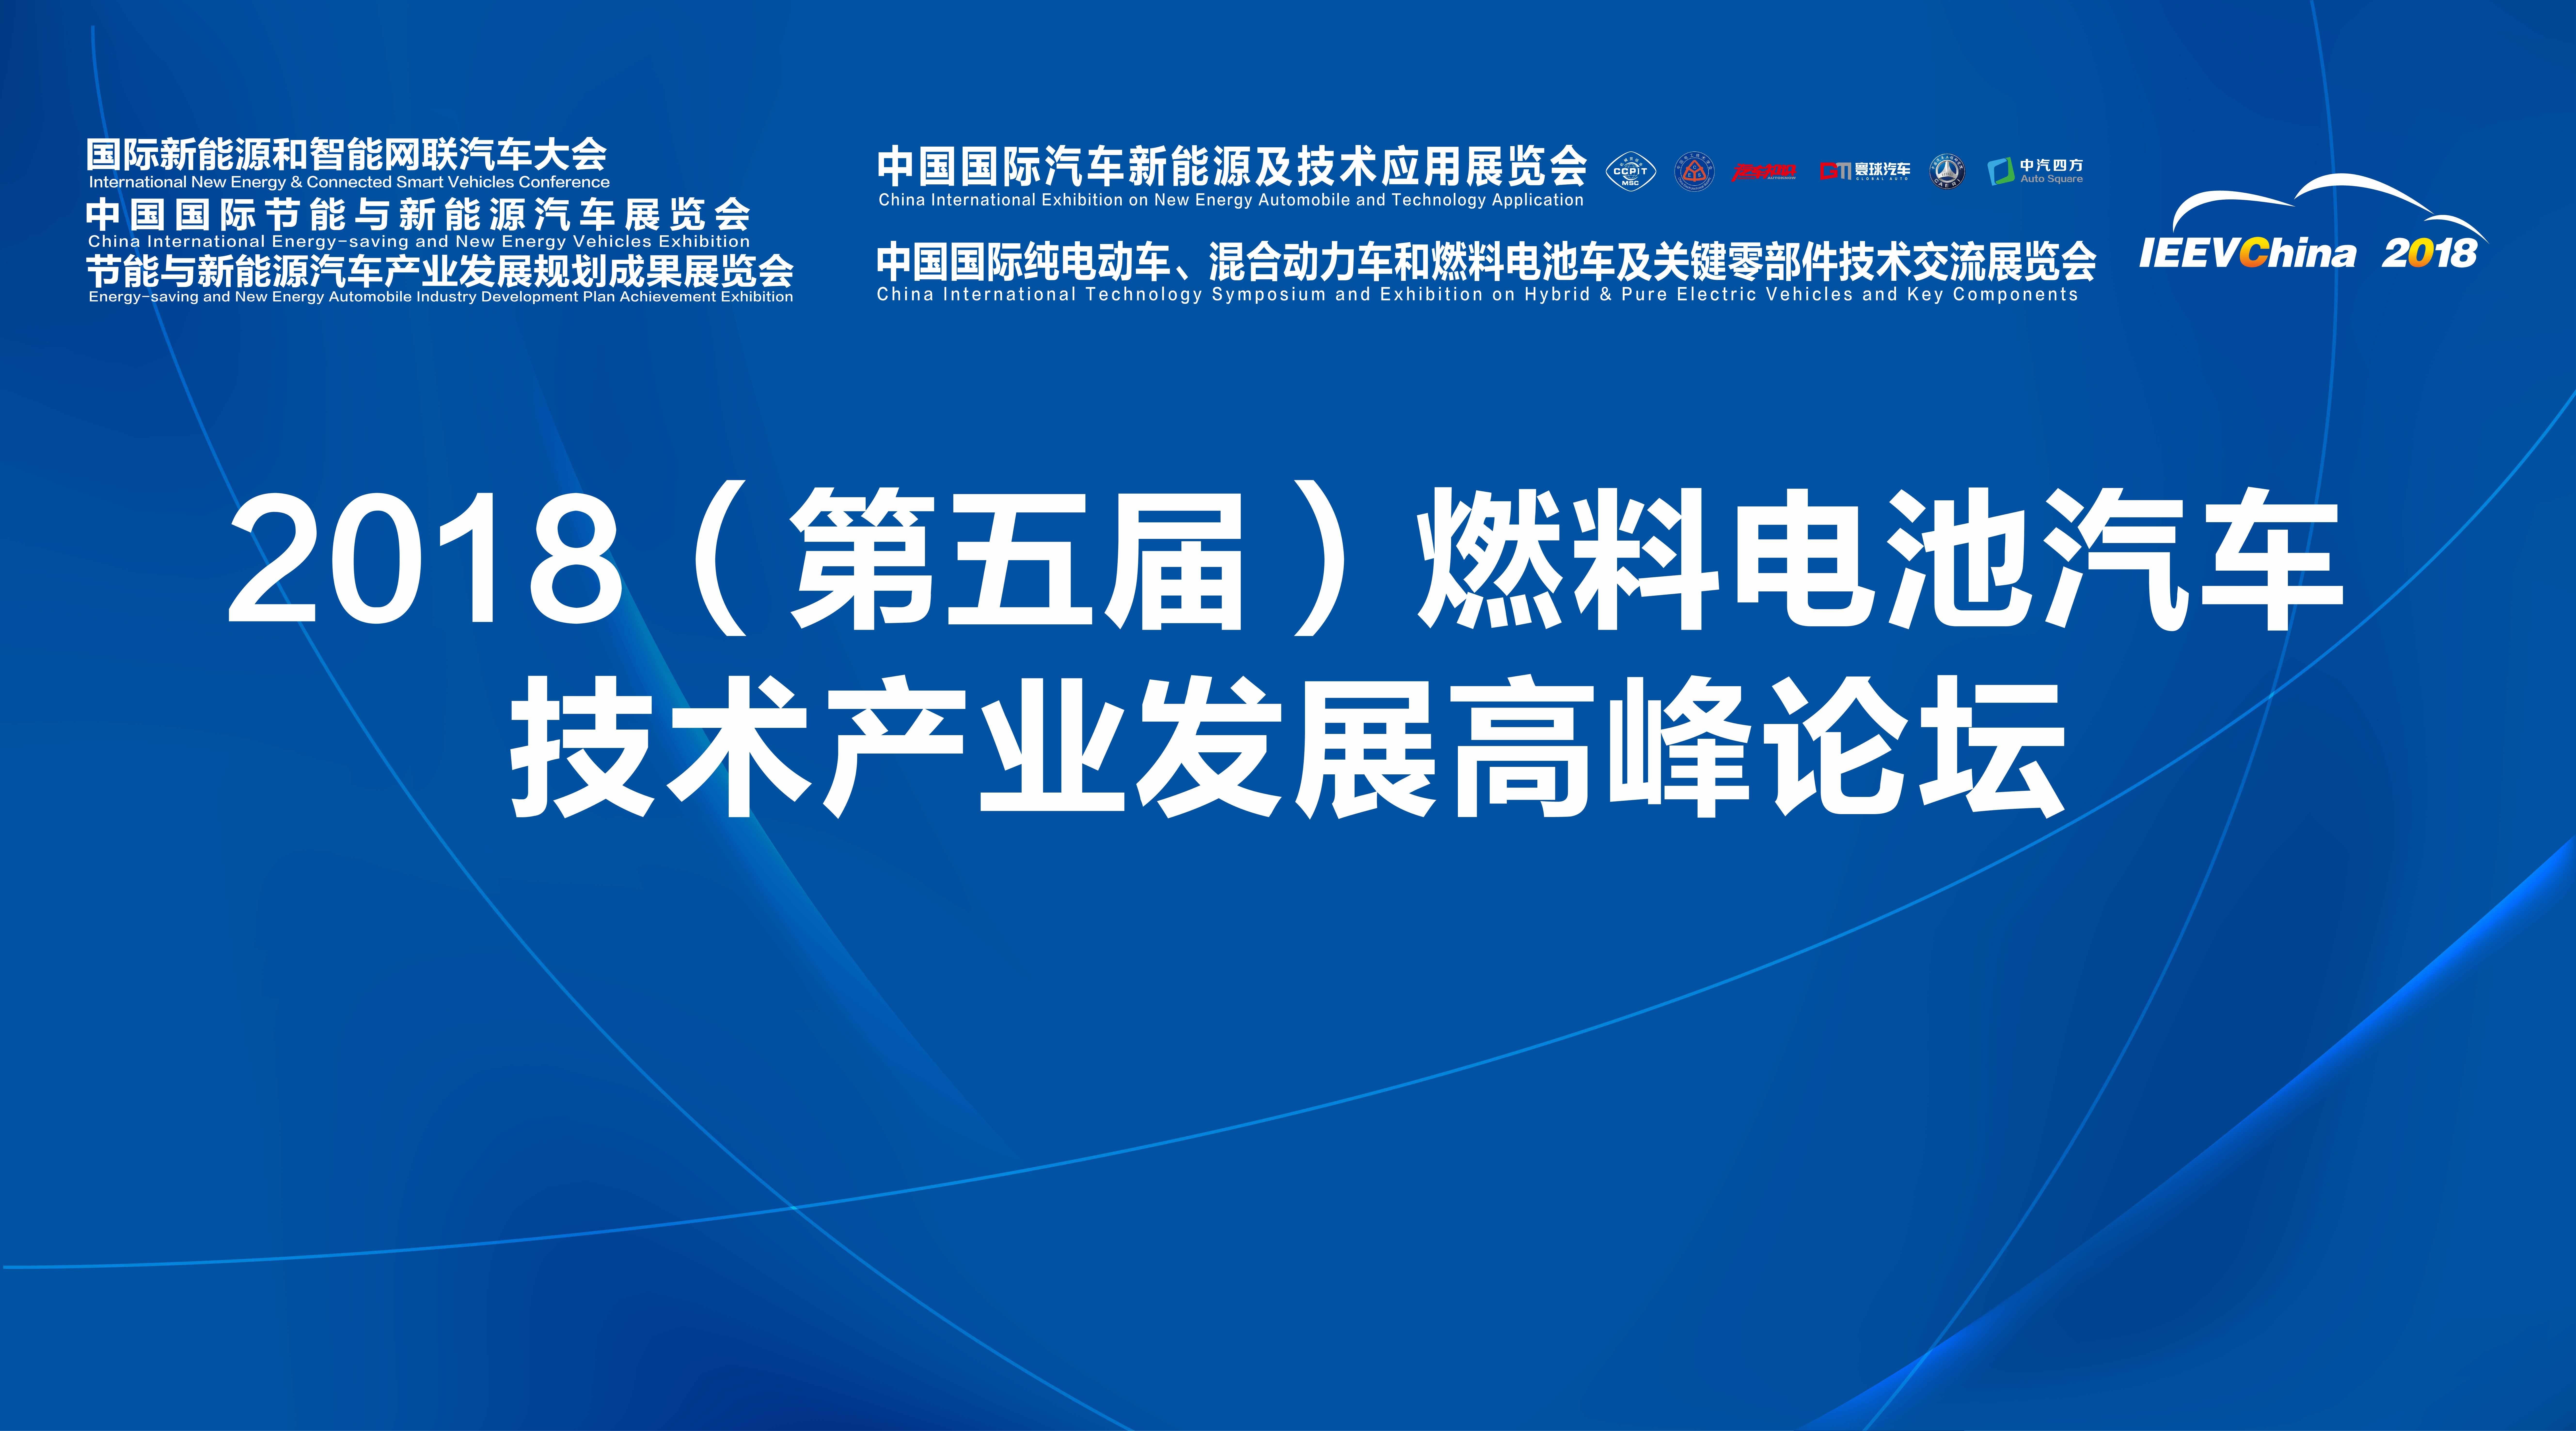 2018(第五届)燃料电池汽车技术产业发展高峰论坛暨中国国际氢能与燃料电池技术应用论坛